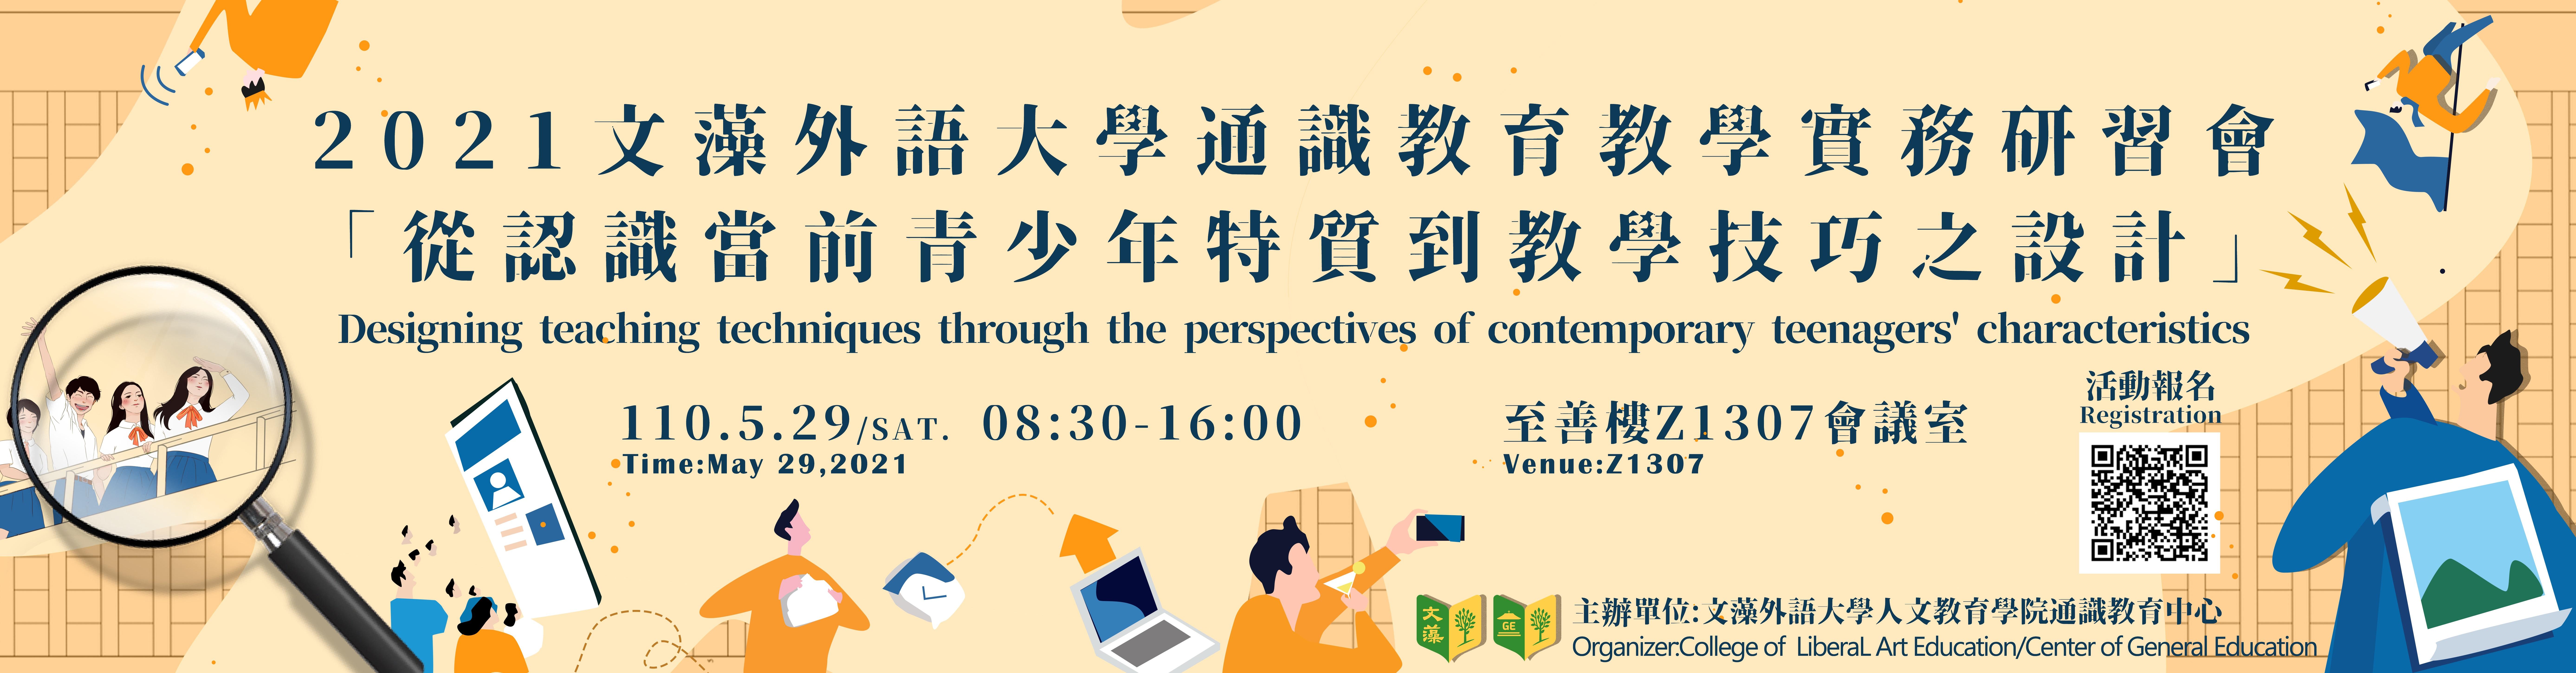 2021文藻外語大學通識教育教學實務研習會-「從當前青少年特質的認識到教學技巧的設計」(另開新視窗)